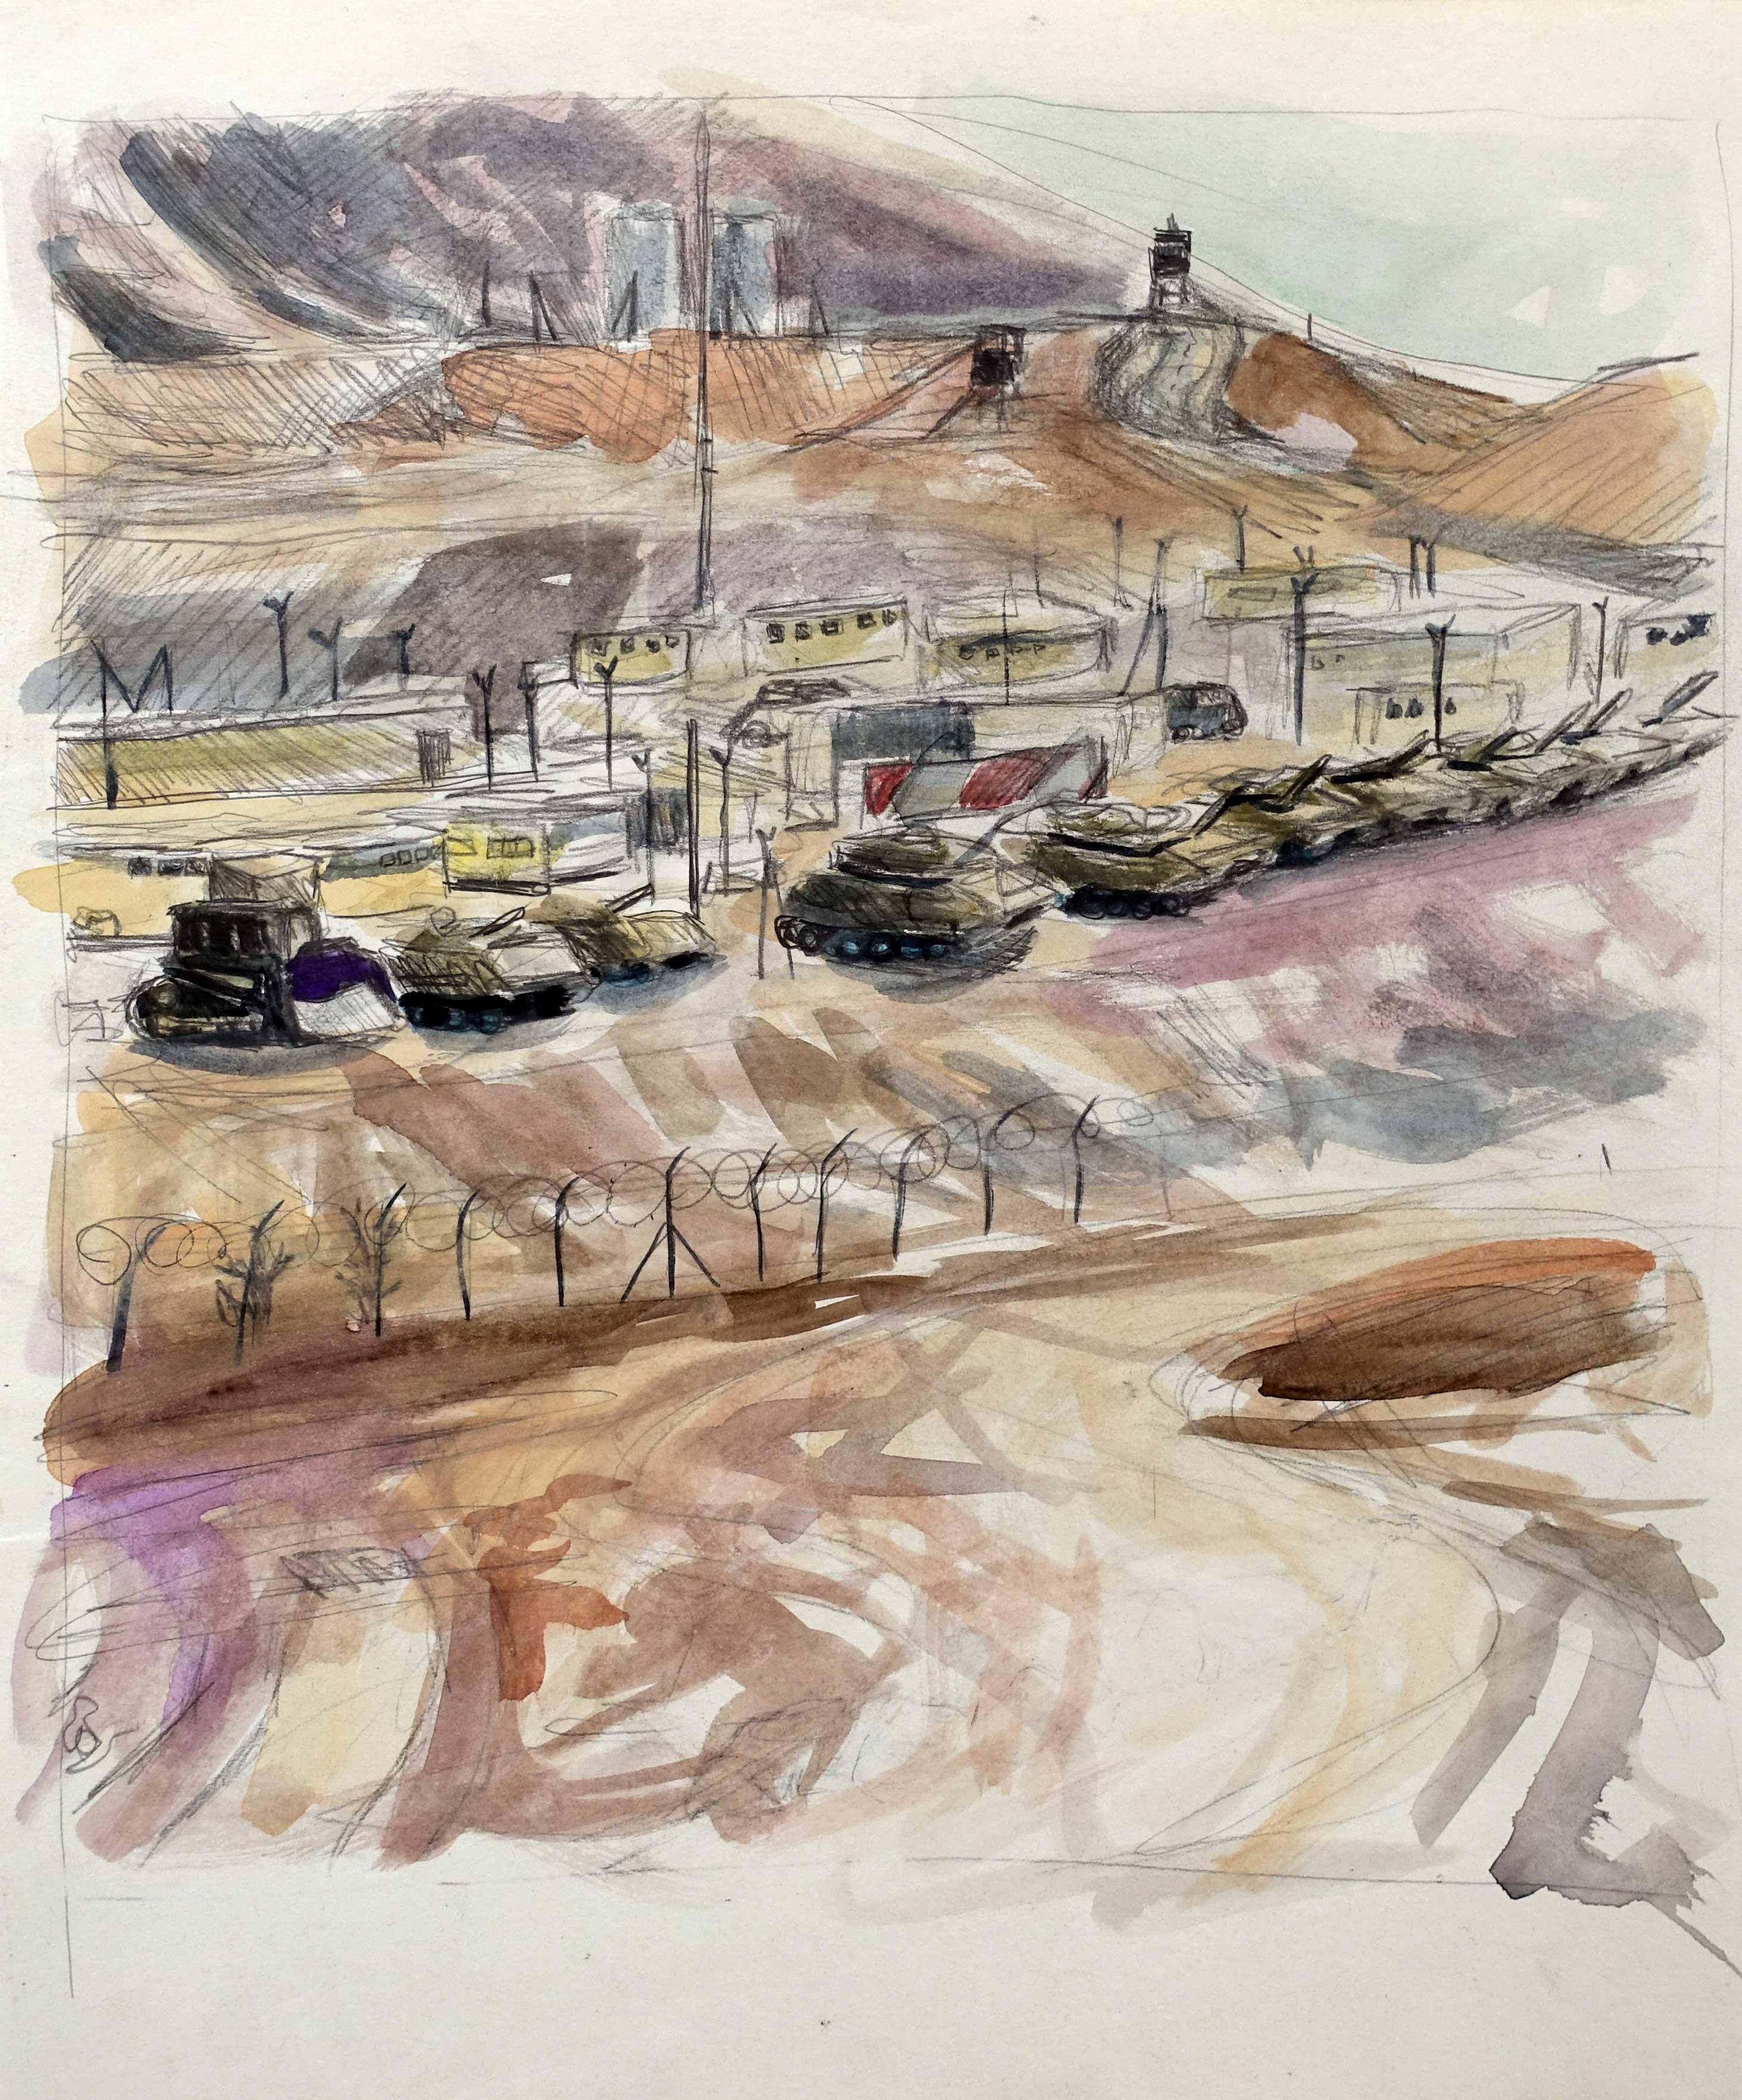 Base militaire Shahamon, Eilat, 2011, aquarelle sur papier, 30x25cm